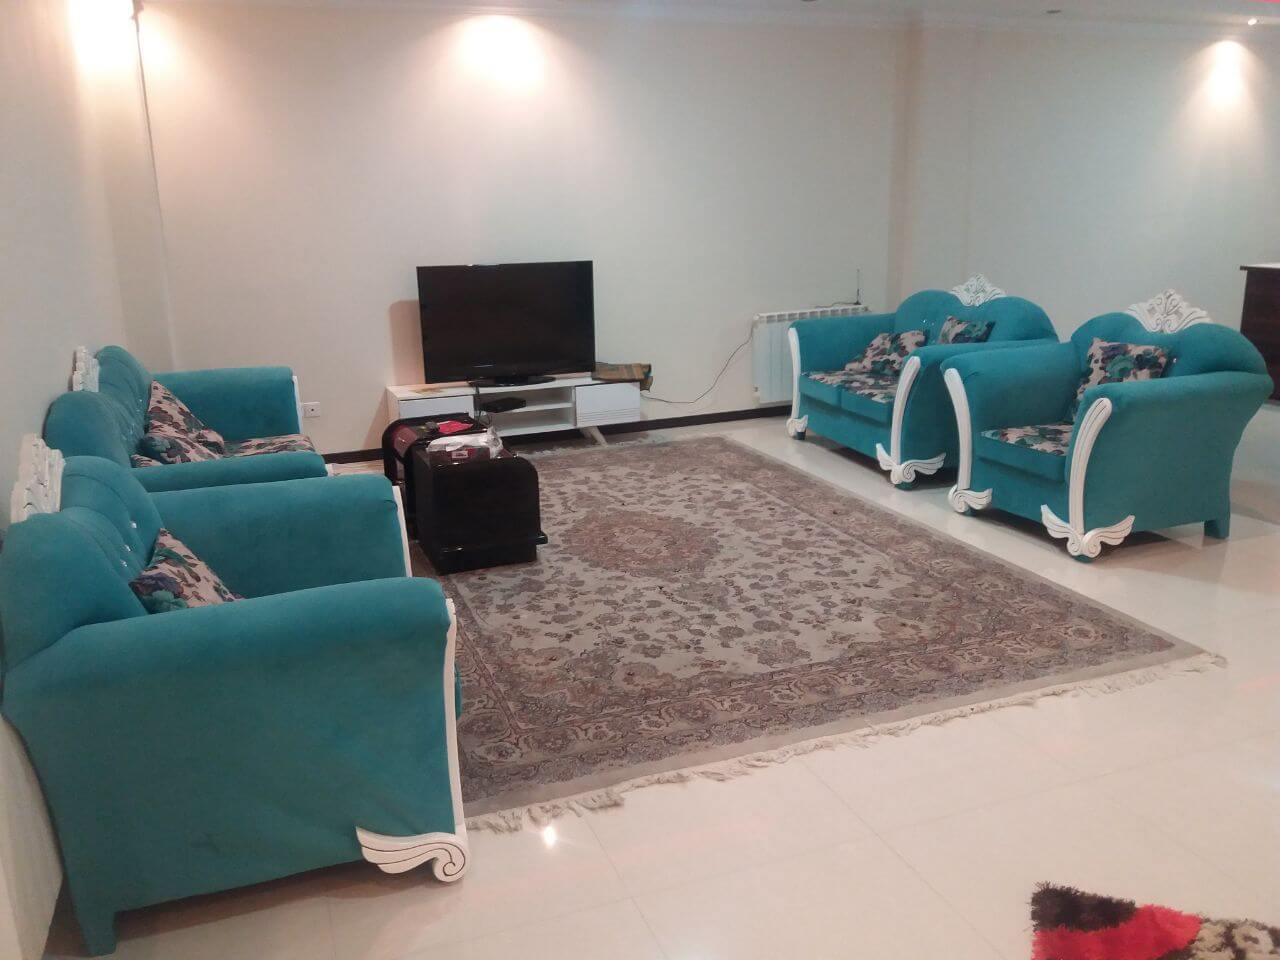 اجاره آپارتمان مبله در مرکز تهران طالقانی